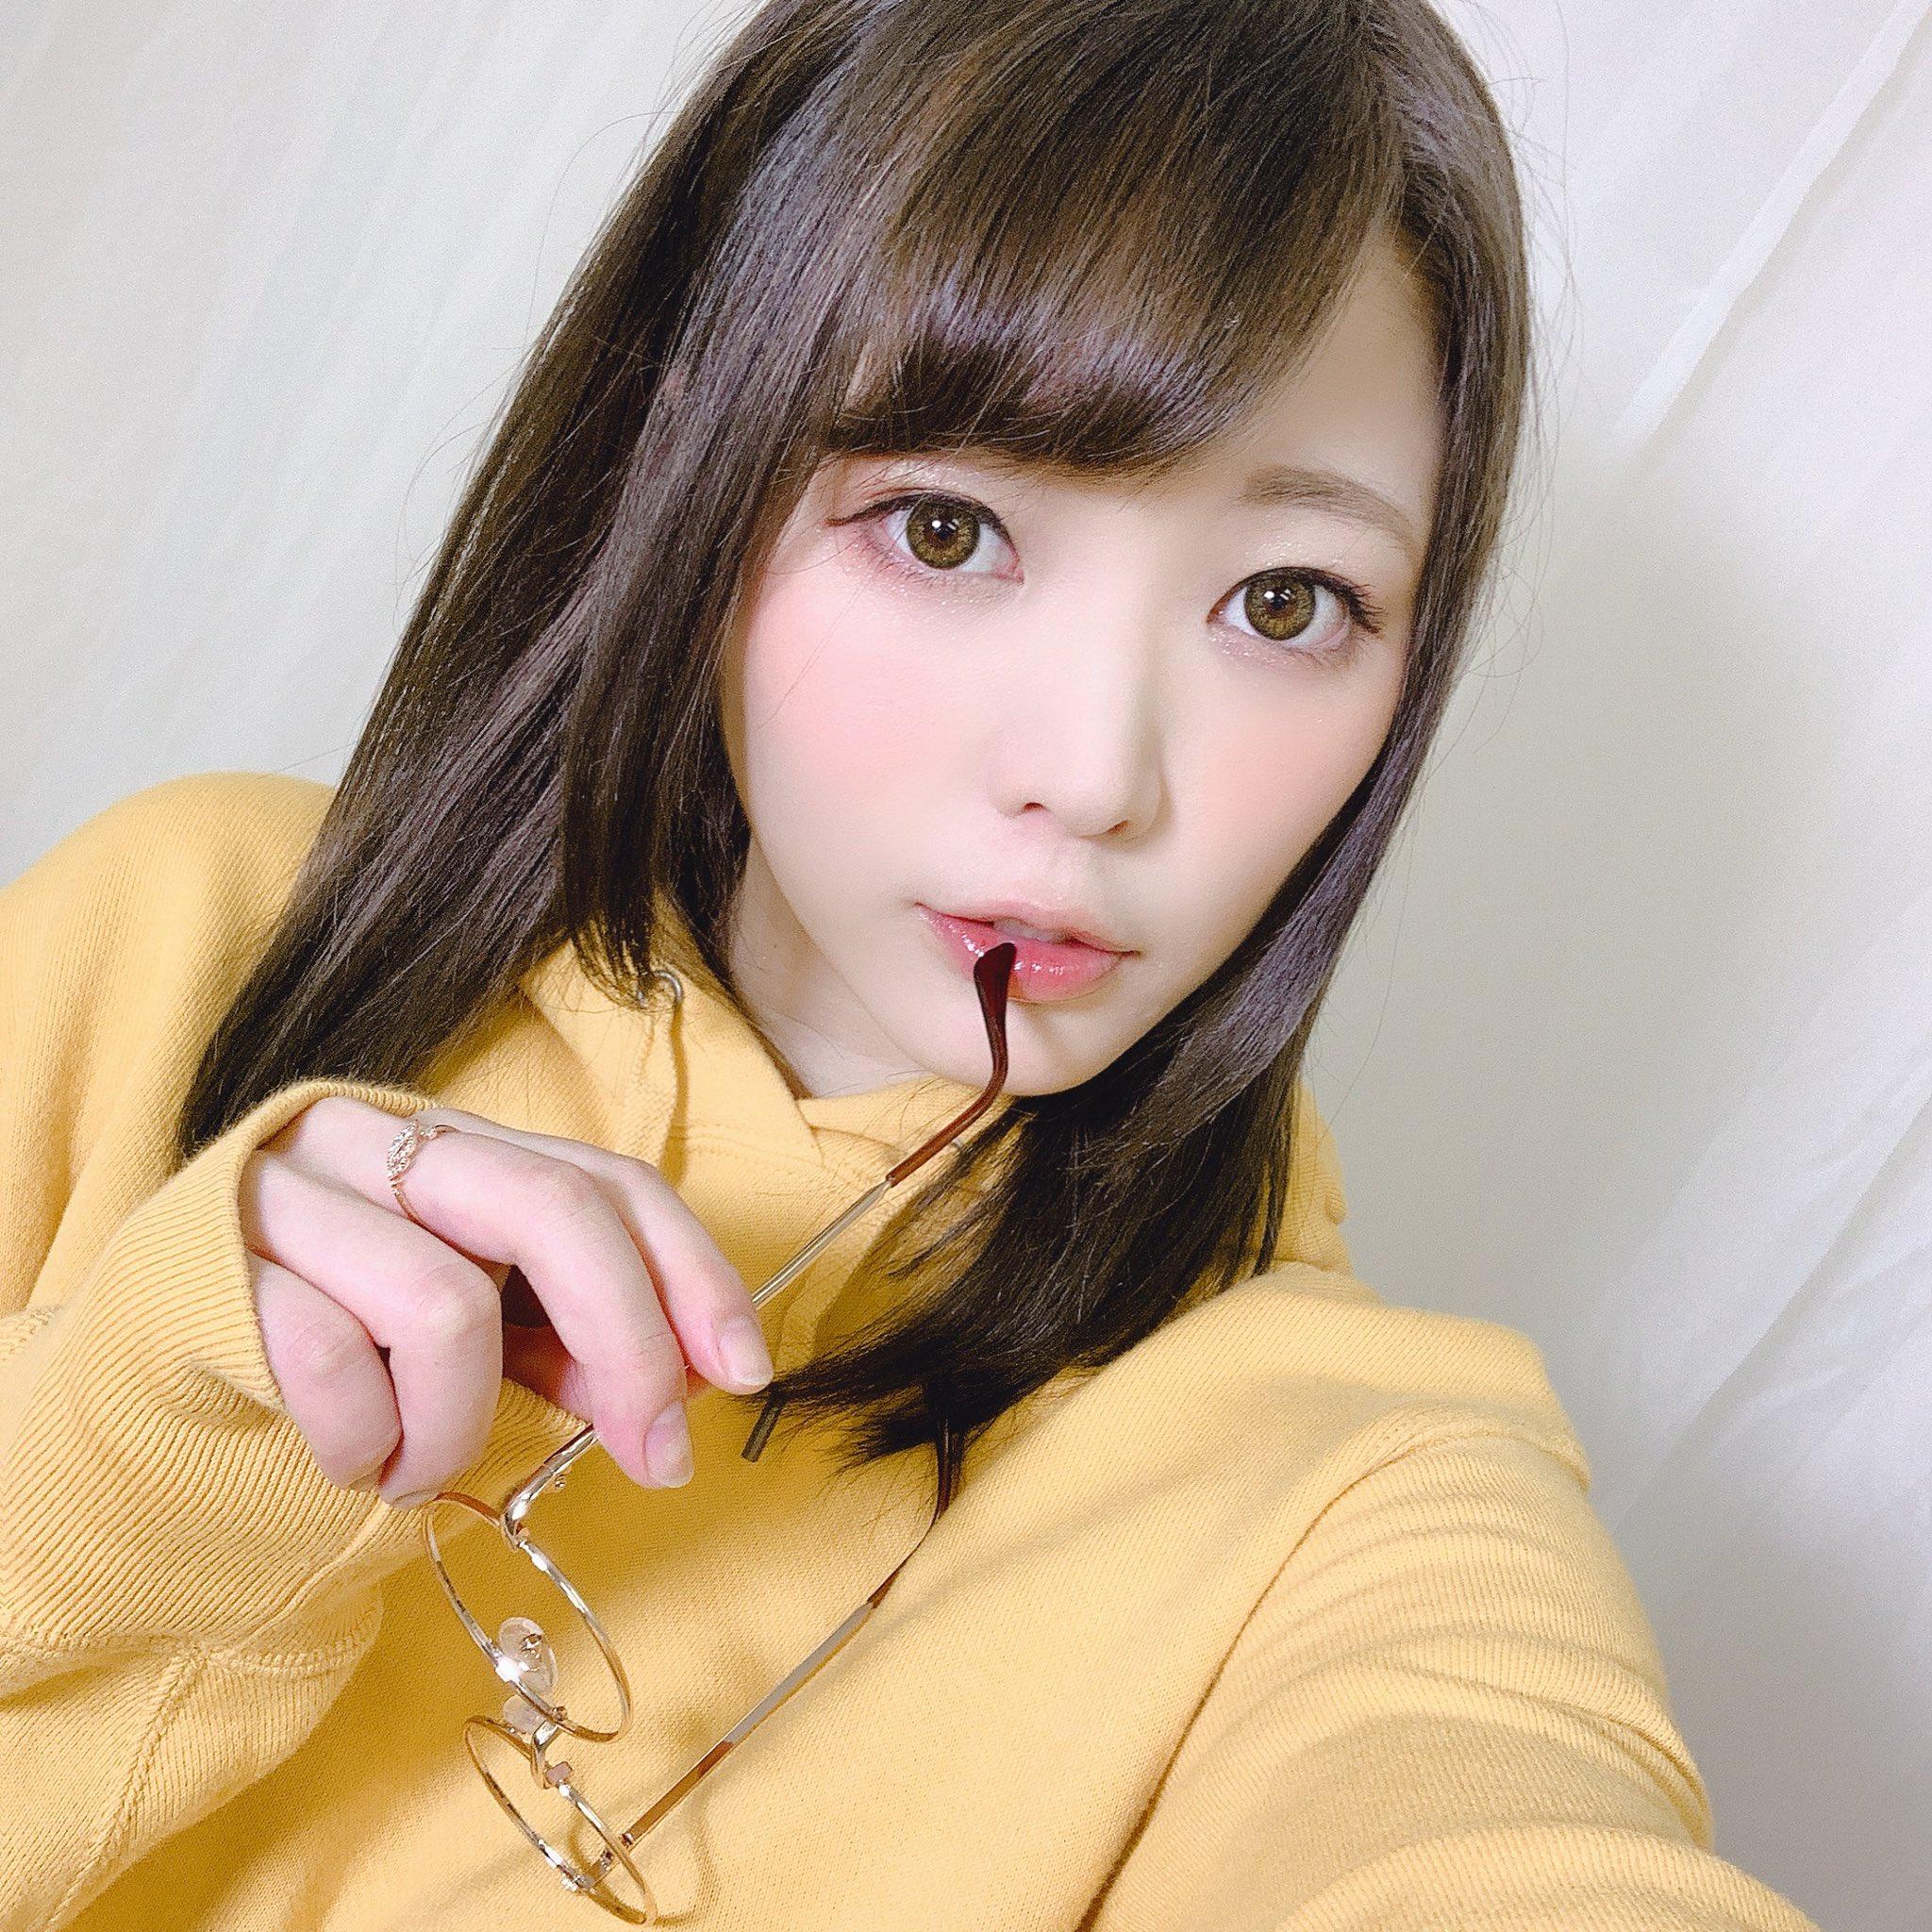 【川越ゆいエロ画像】床技も踊りもかなり達者なベテラン女優・川越ゆい!